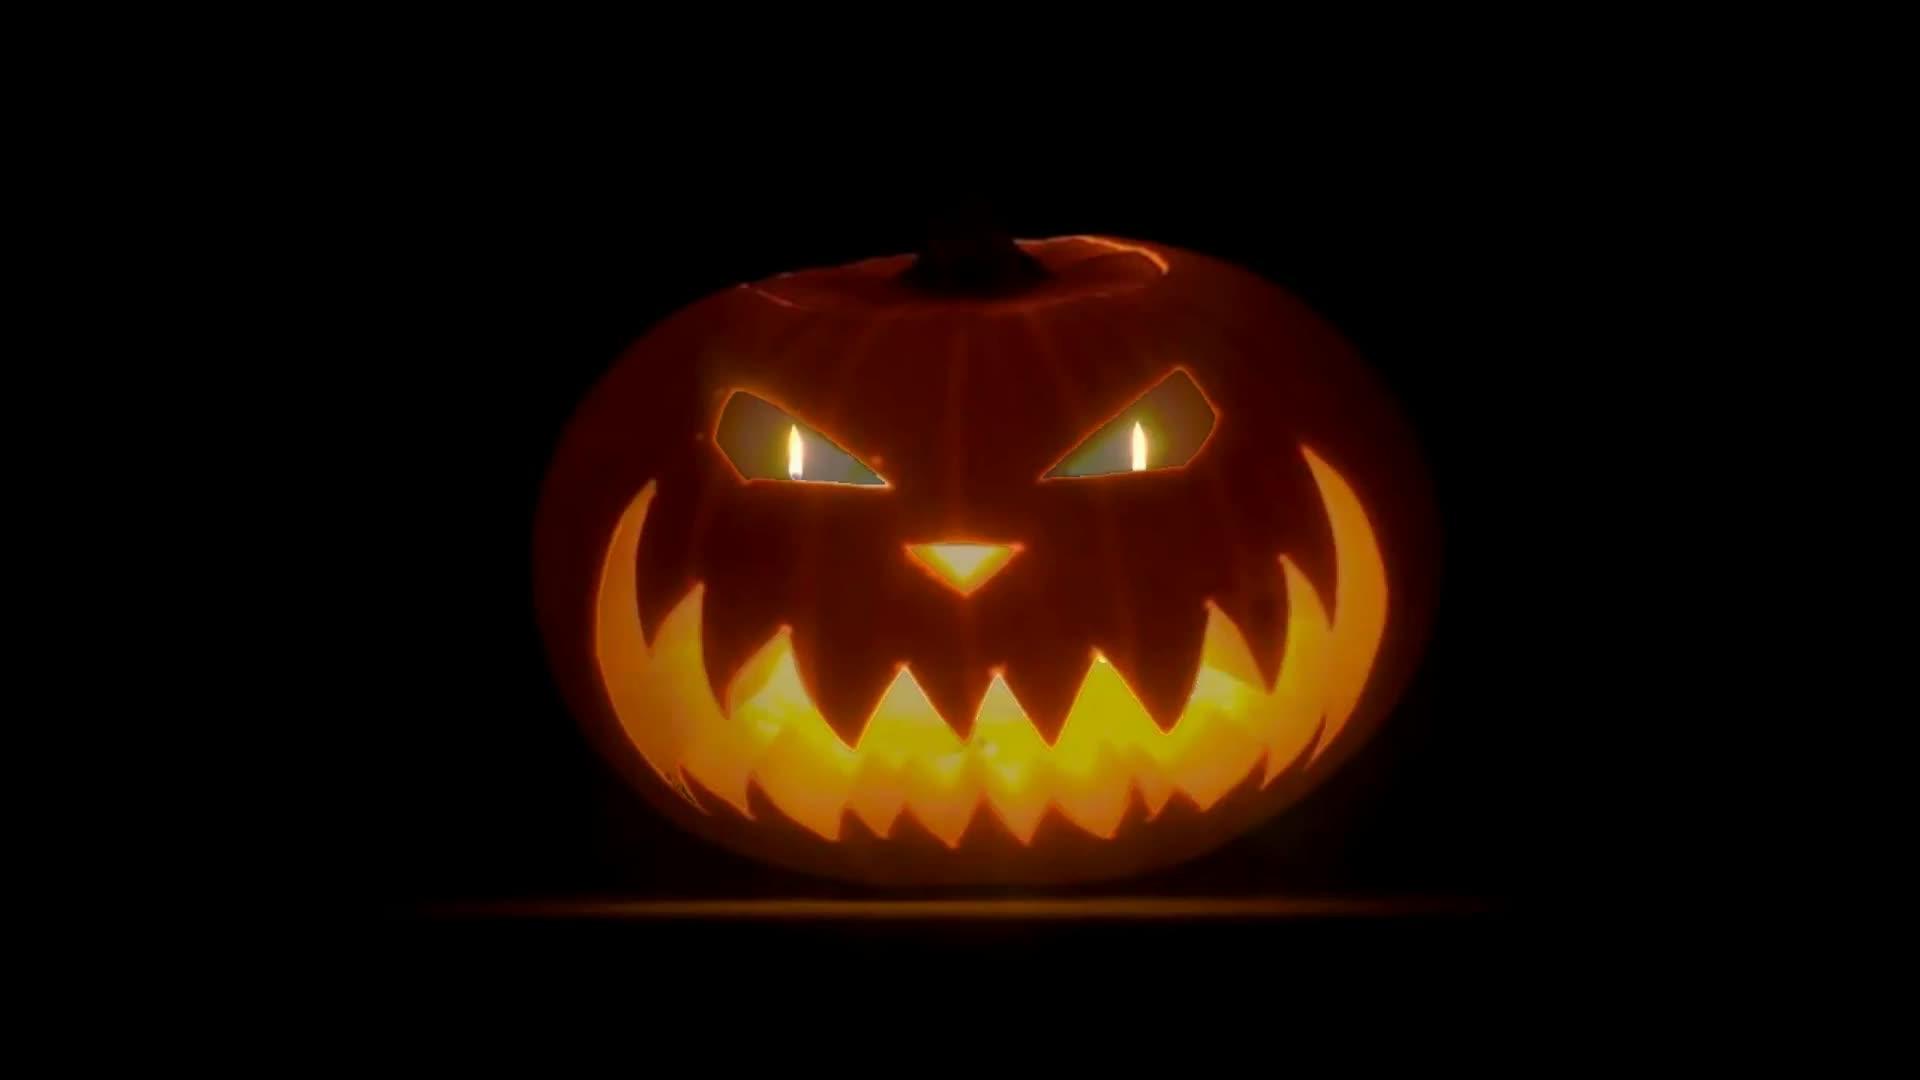 Злой Хеллоуин - живые обои